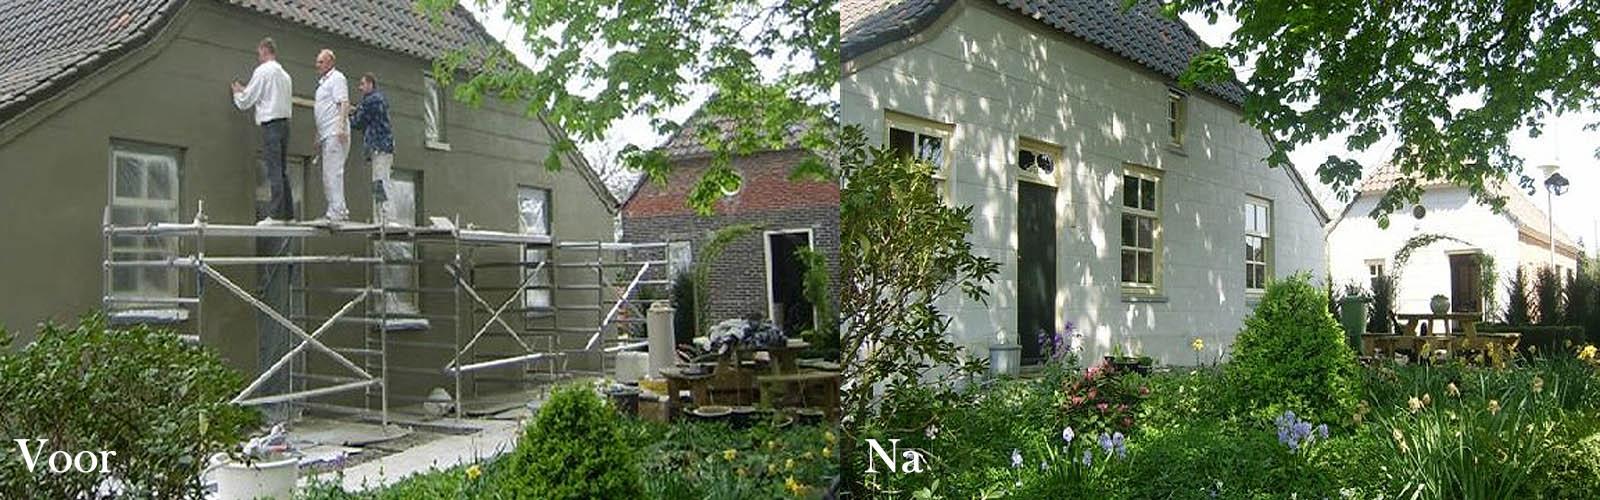 Buitengevelstukwerk-Stukadoor Ad van Weert Sint-Oedenrode